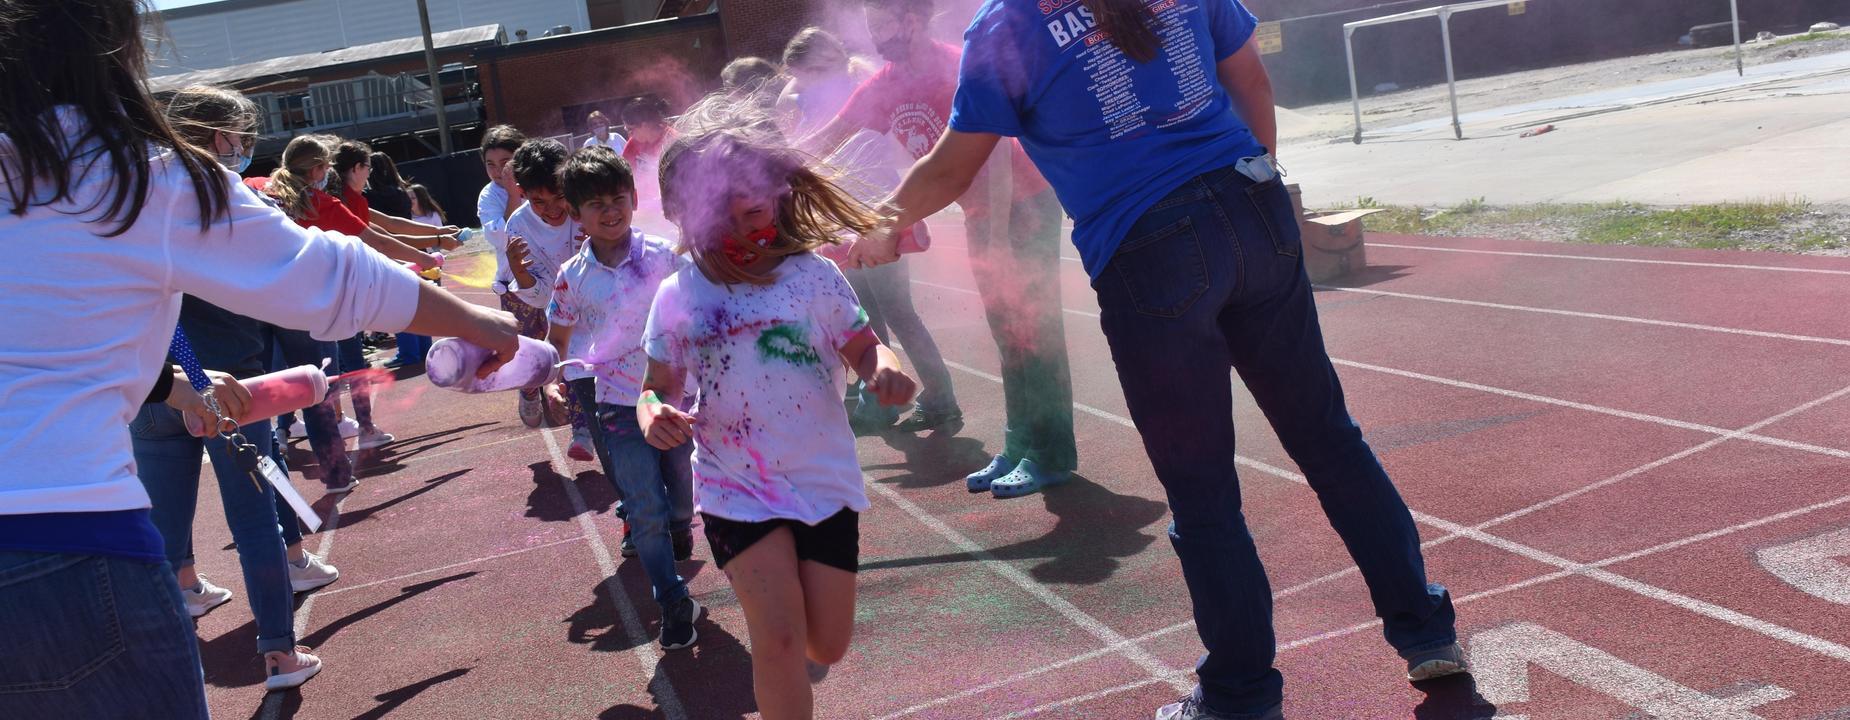 color run race